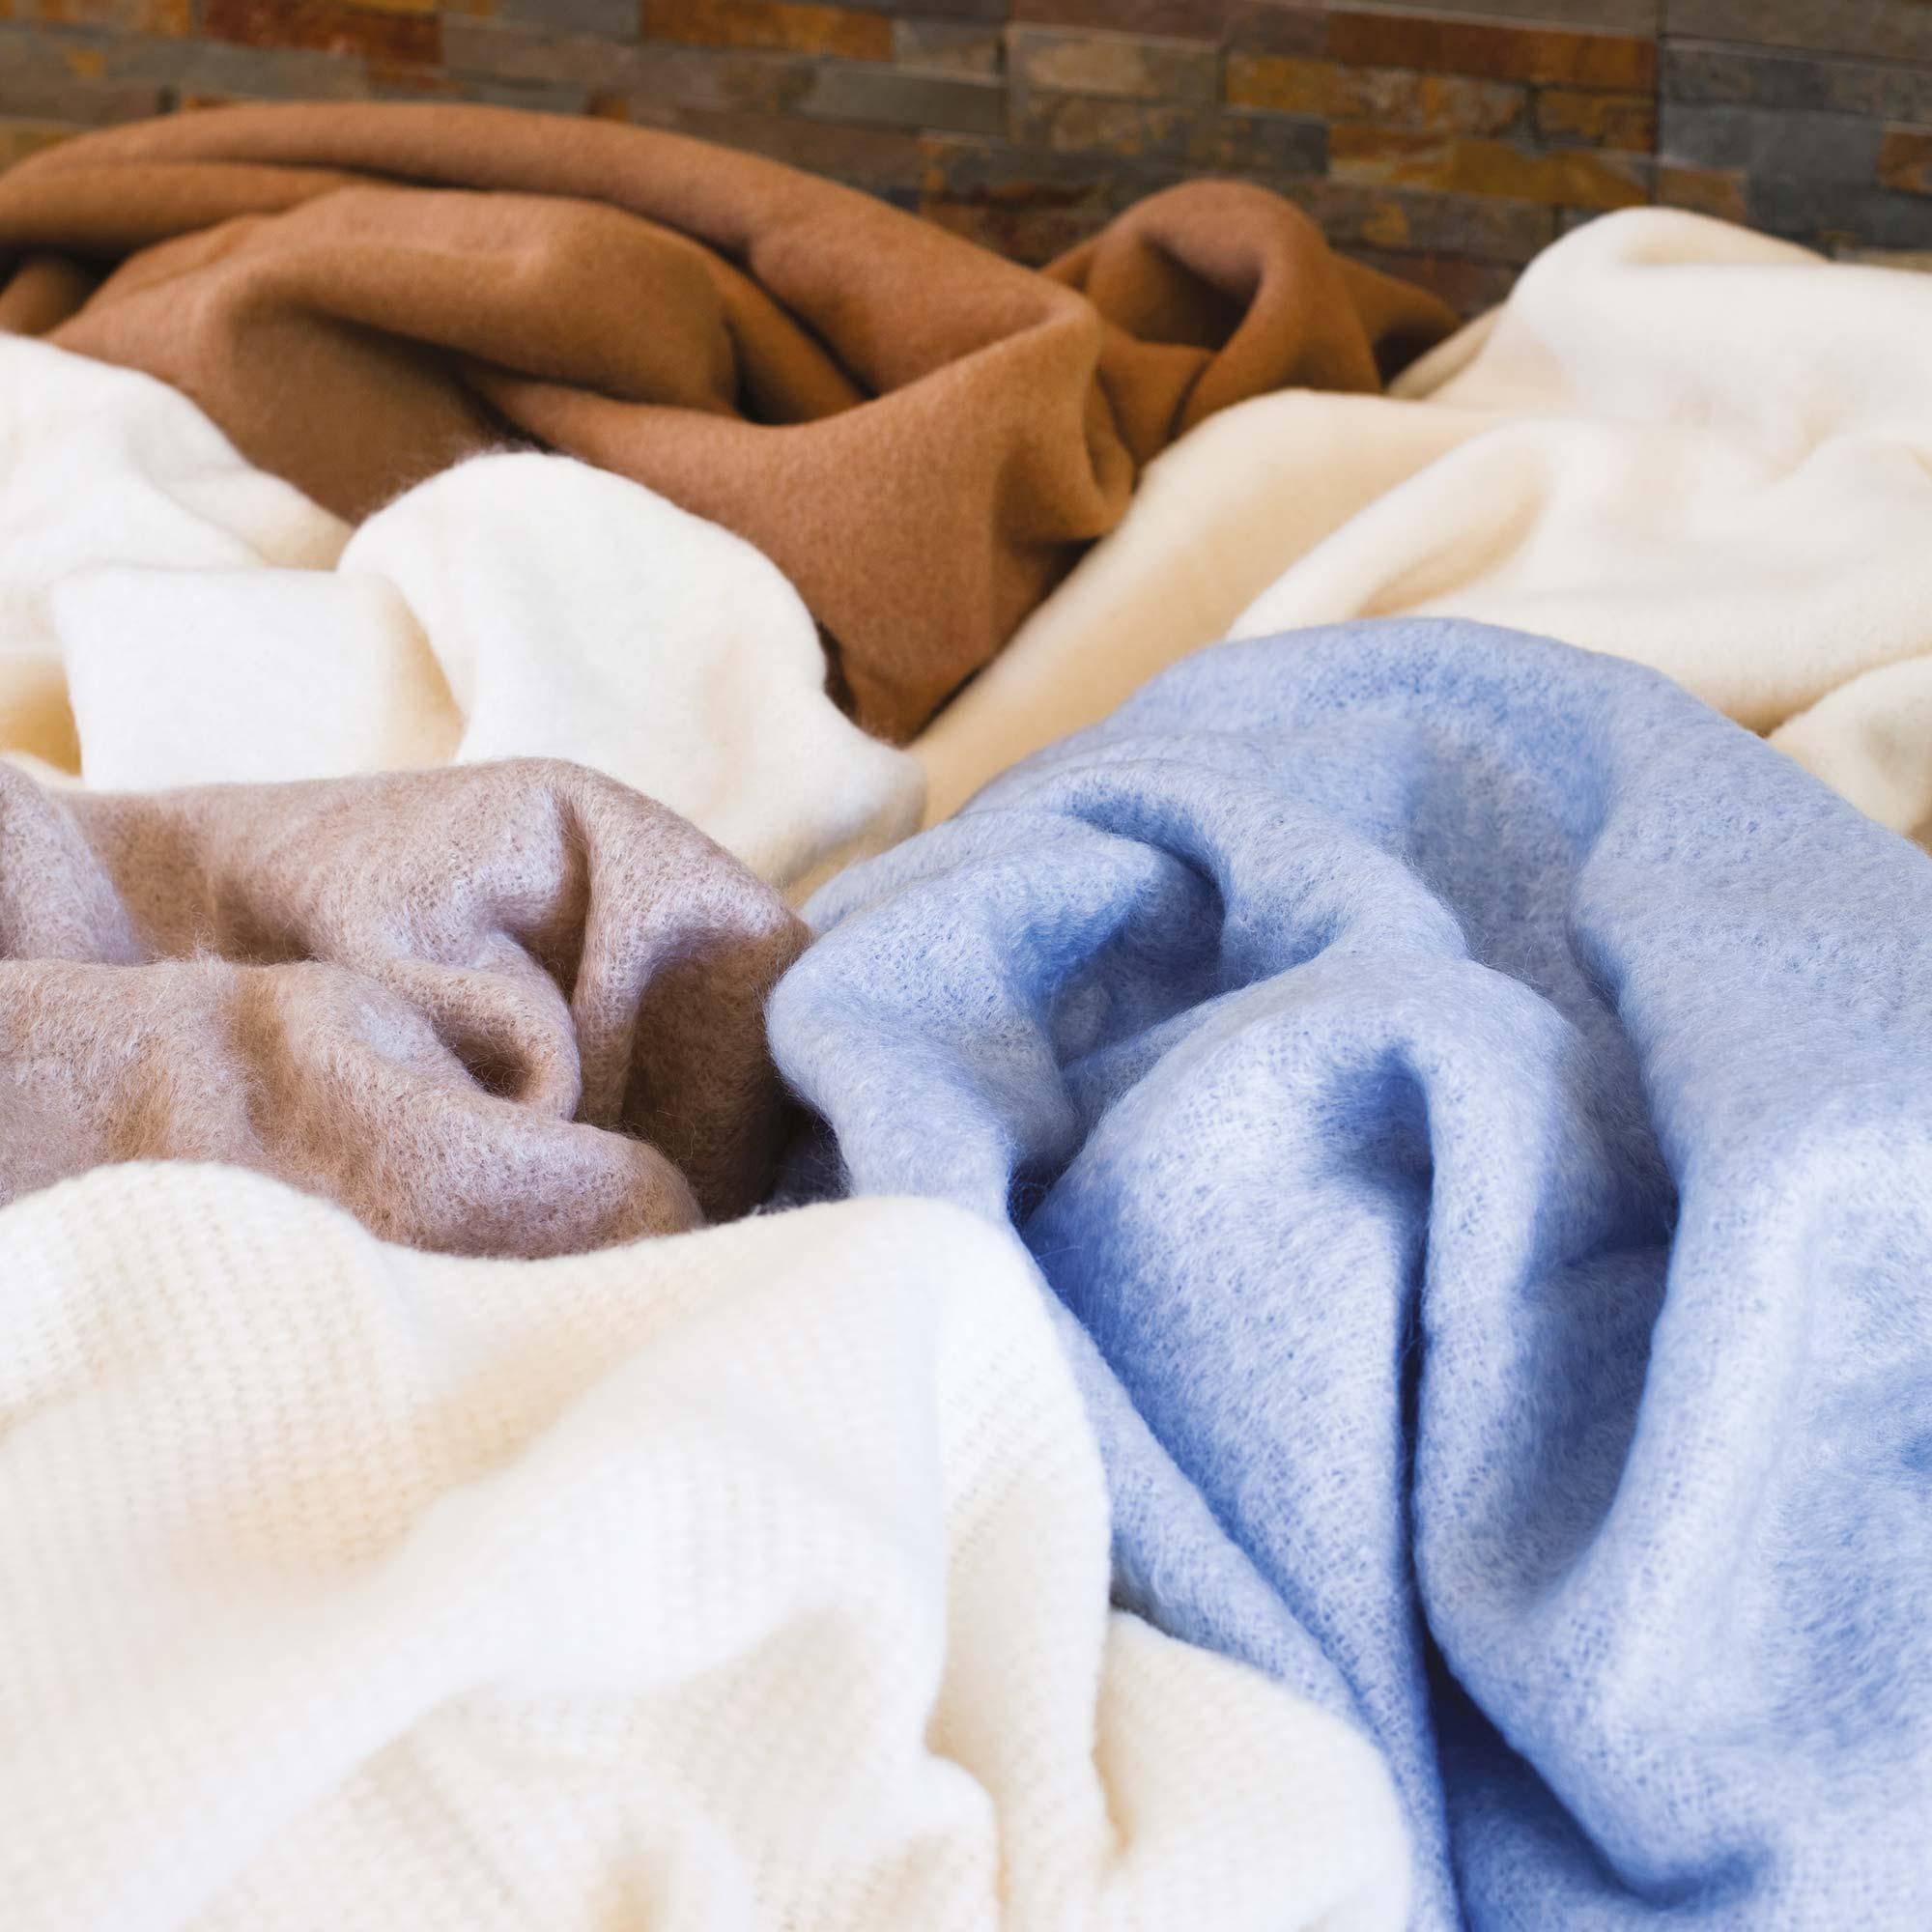 couverture laine mohair 220x240 cm thesee marron taupe linnea linge de maison et. Black Bedroom Furniture Sets. Home Design Ideas